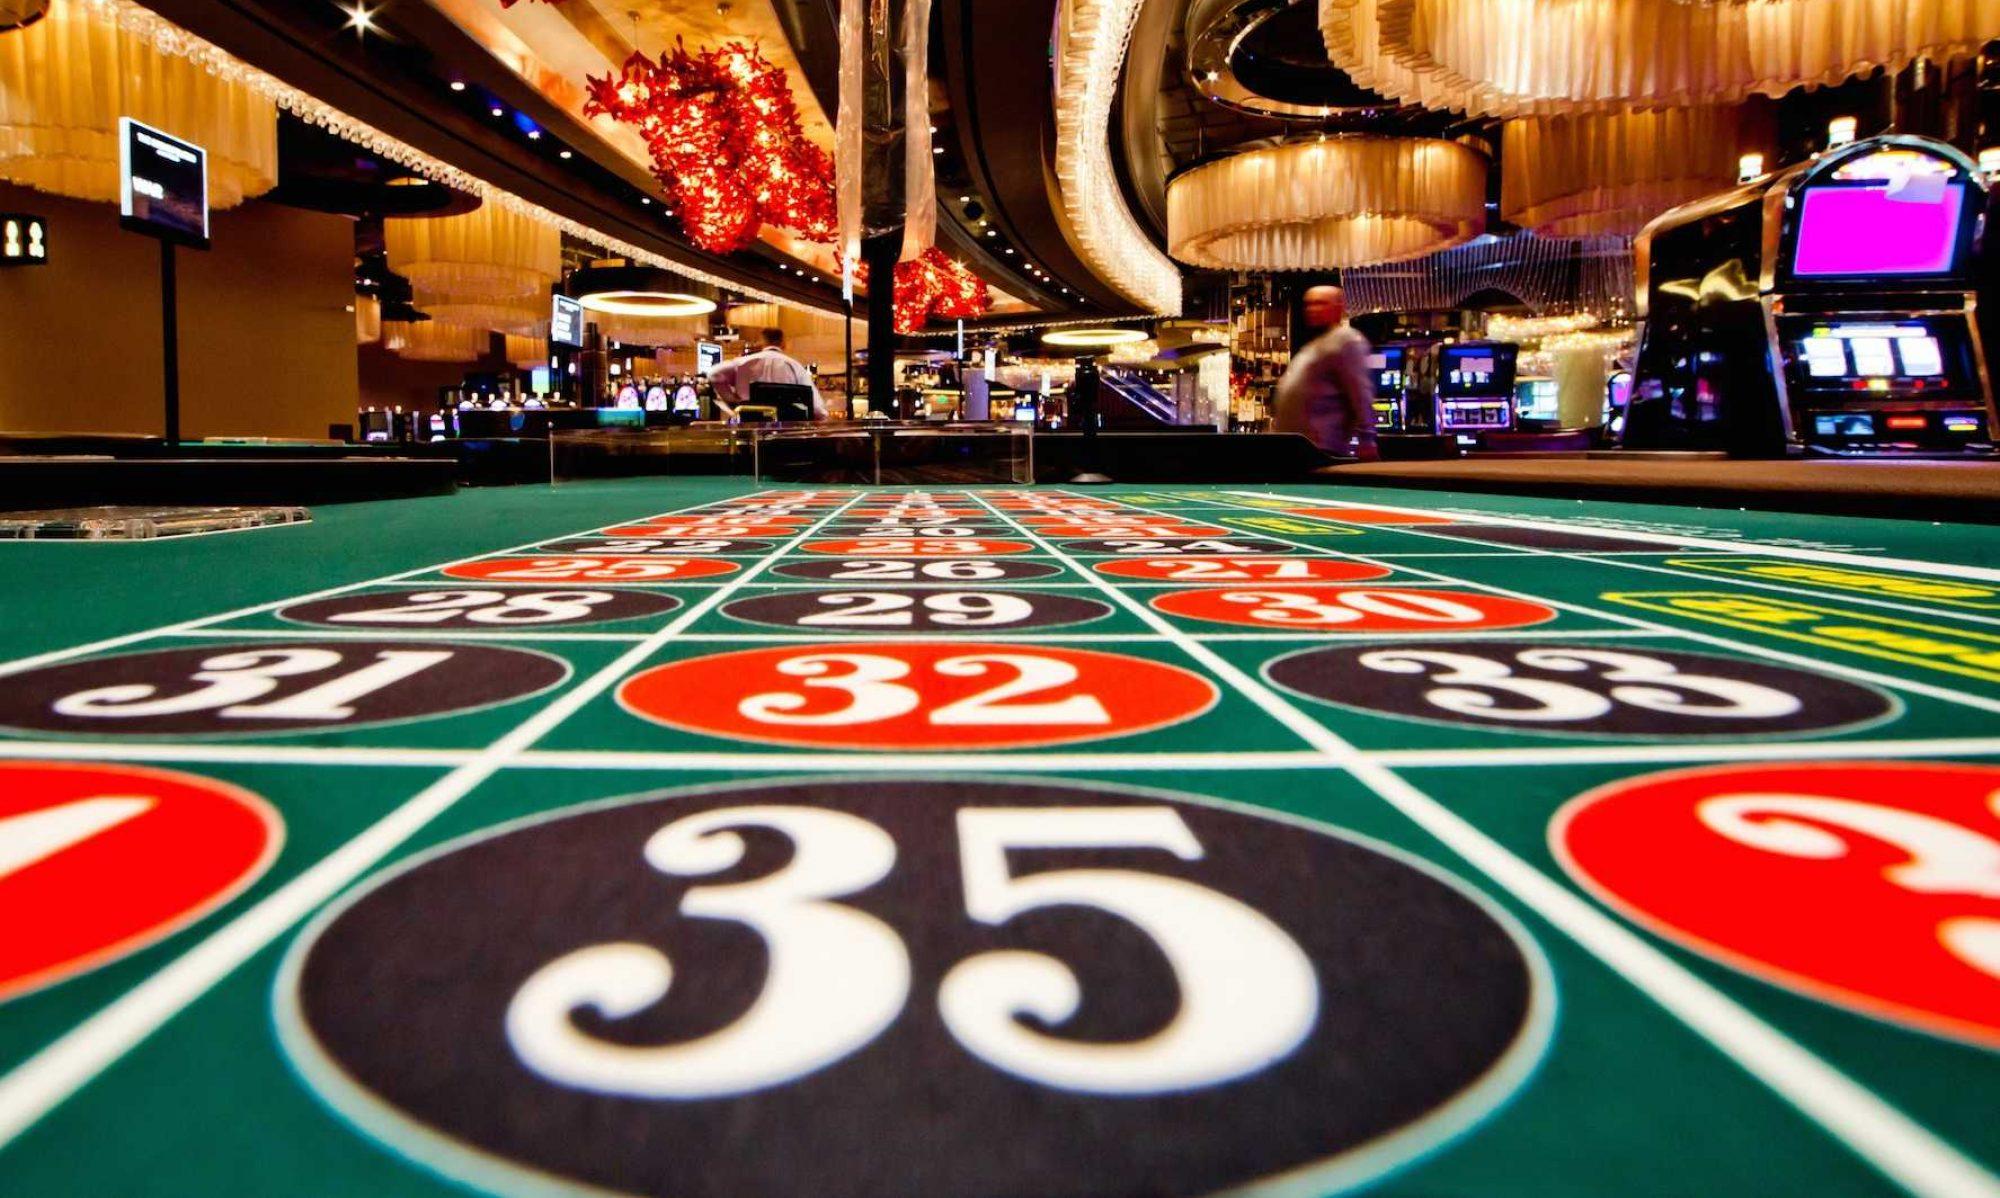 Bosbobet Online - Understand Bingo in Gambling Online - Popular Games